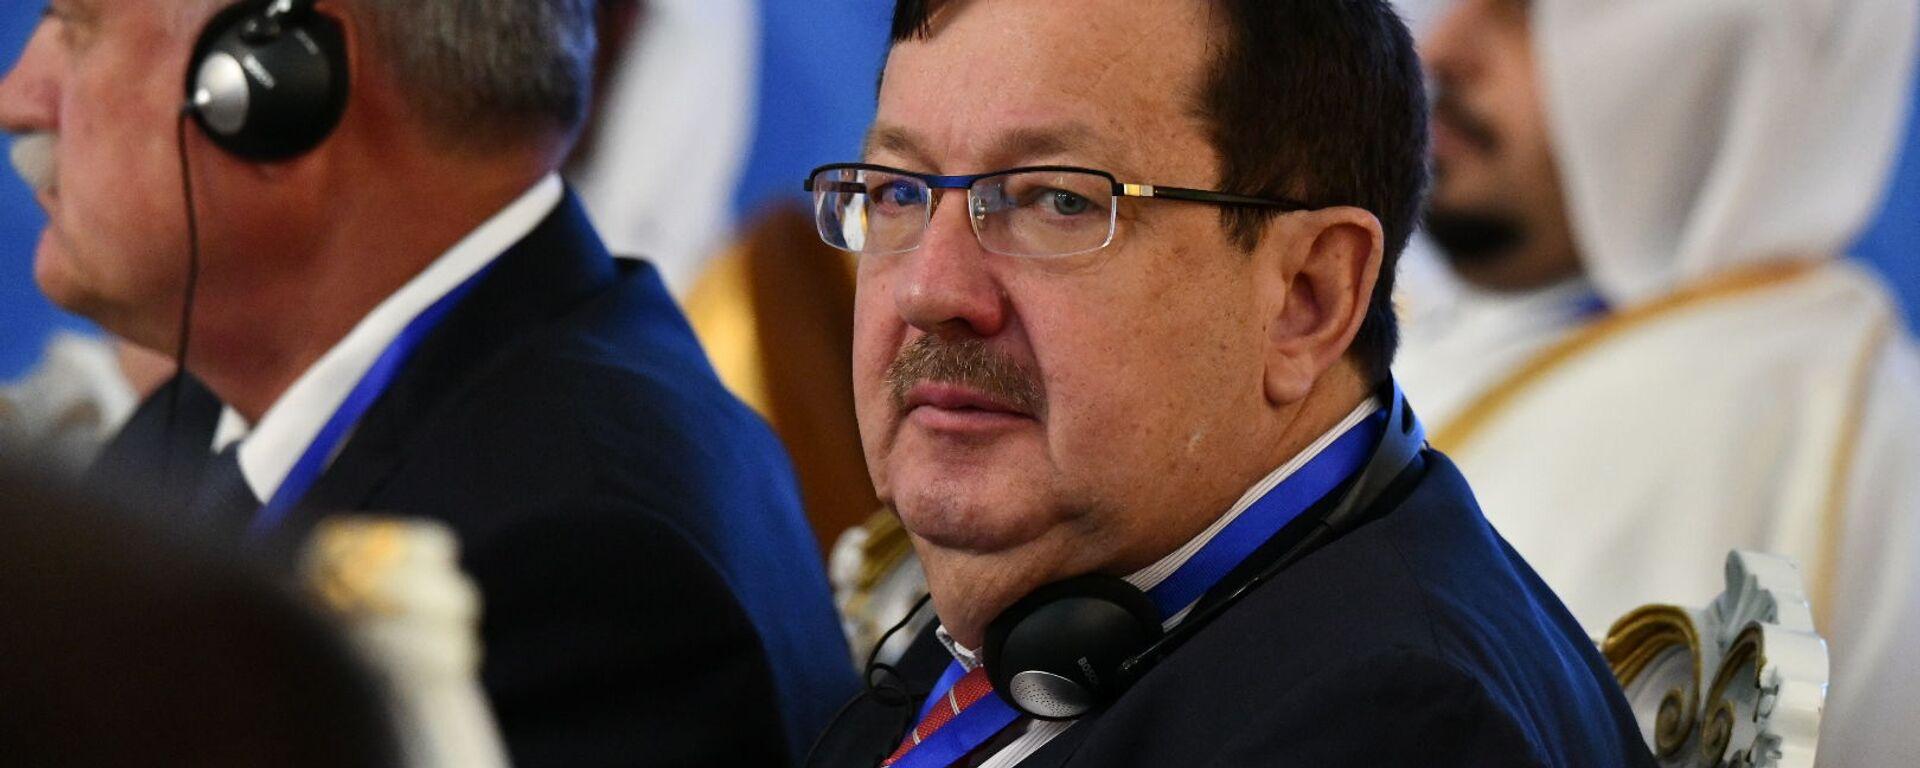 Посол России в Таджикистане Игорь Лякин-Фролов - Sputnik Таджикистан, 1920, 20.07.2021